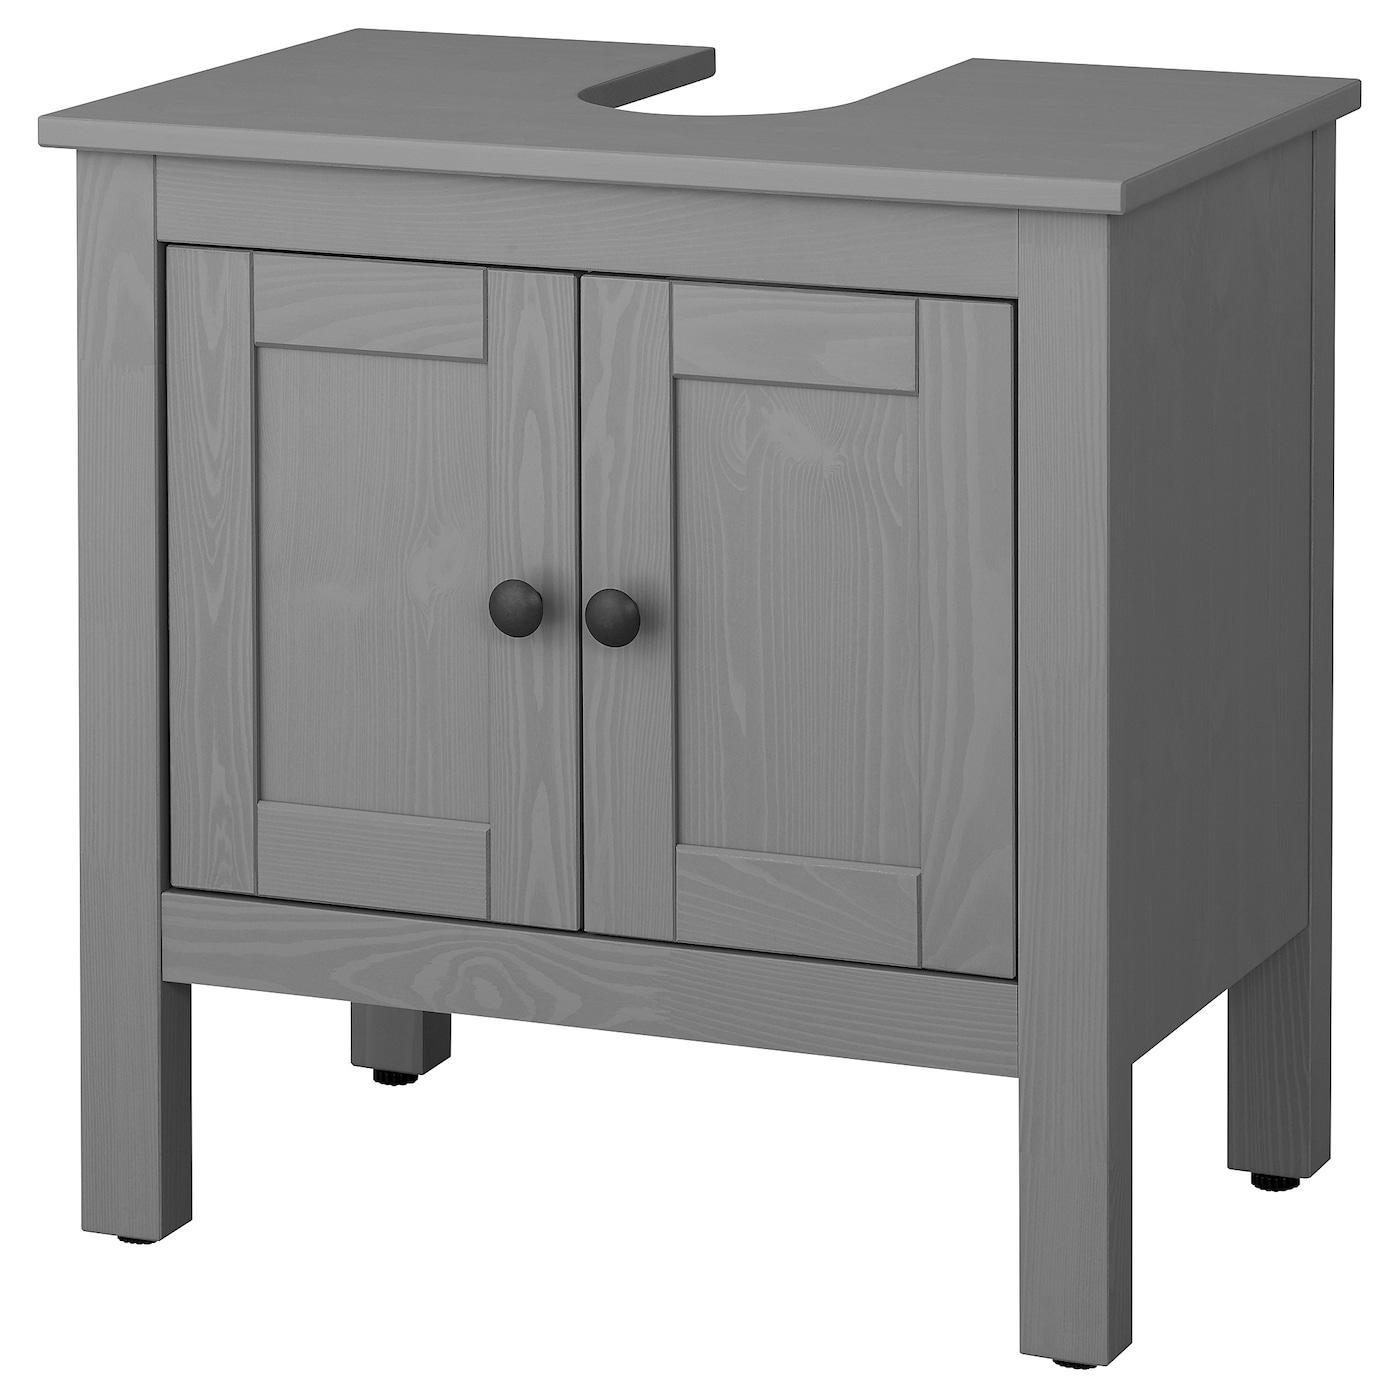 Ikea Waschbeckenunterschrank Hemnes